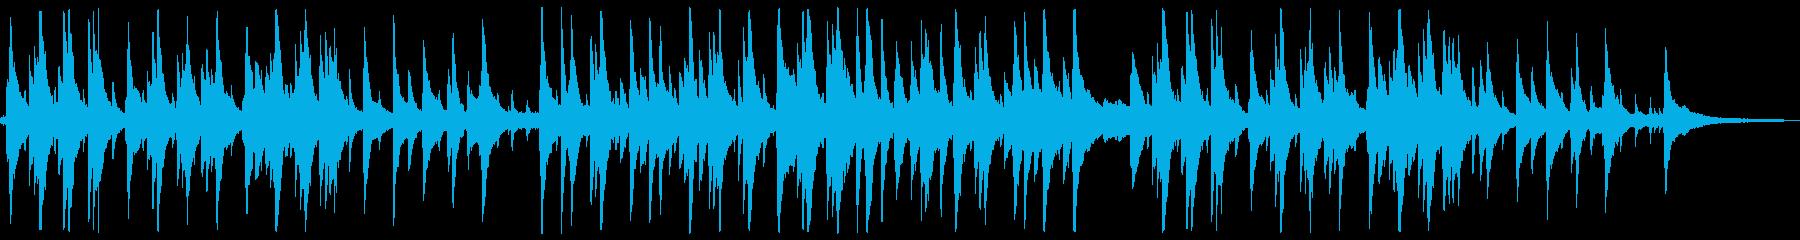 ピアノが印象的なゆったり落ち着くジャズ1の再生済みの波形